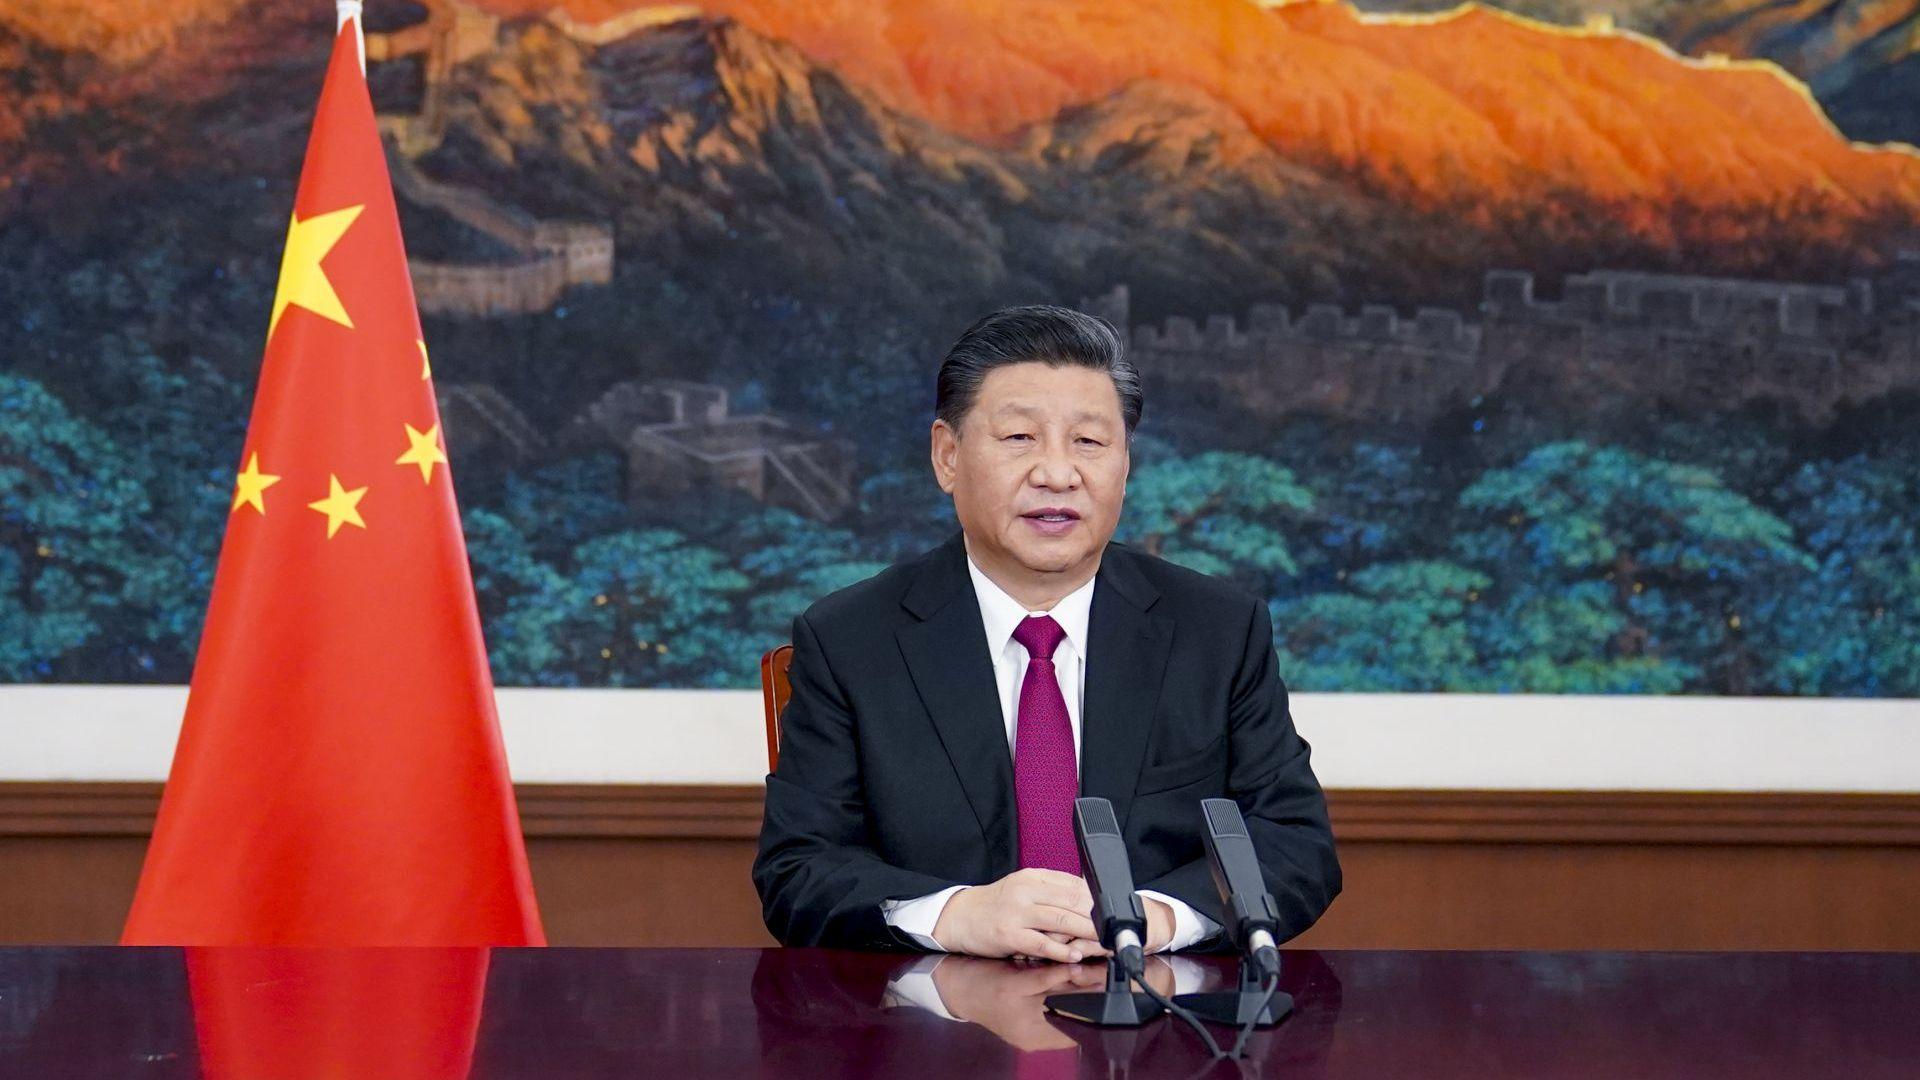 """Без Байдън на онлайн форума """"Давос"""", китайският президент Си Цзинпин държа реч"""